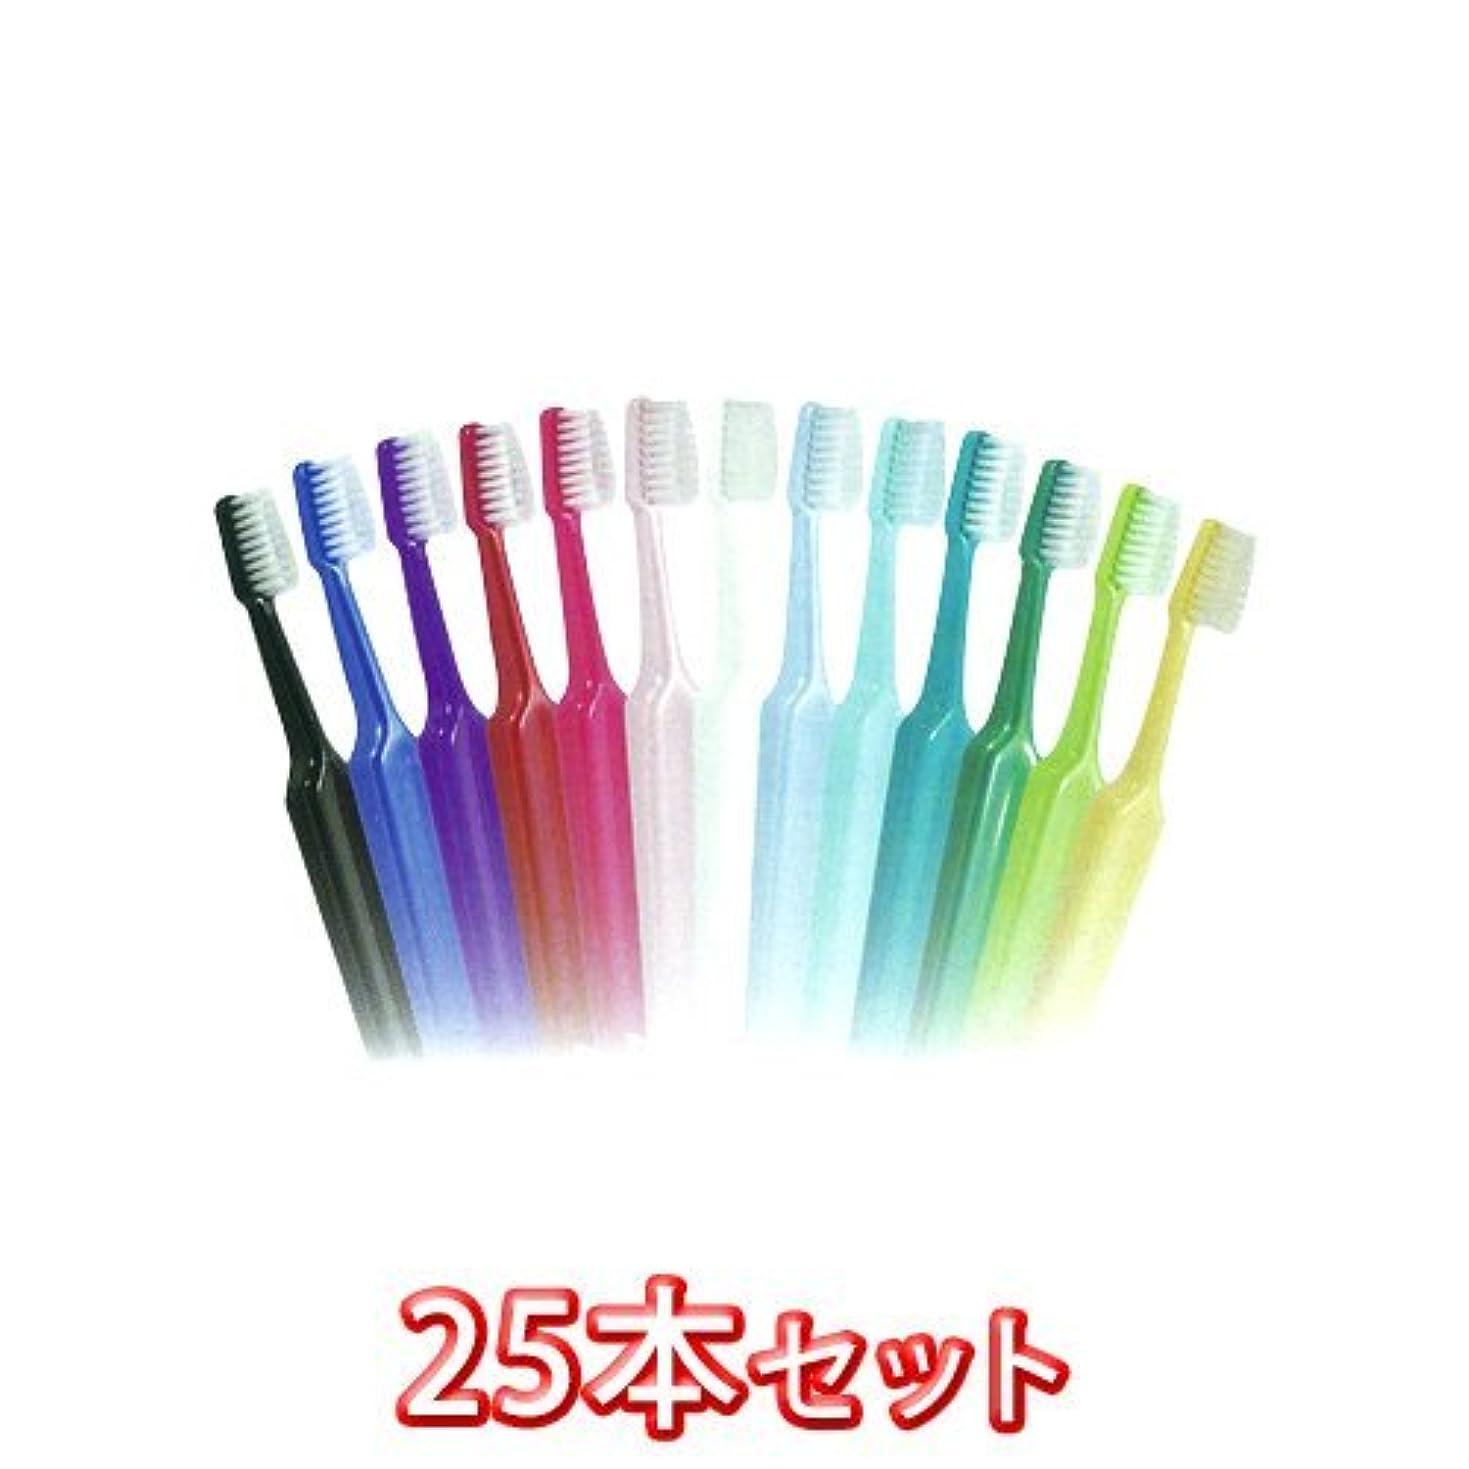 丈夫器具戦闘TePe セレクトソフト 歯ブラシ 25本入